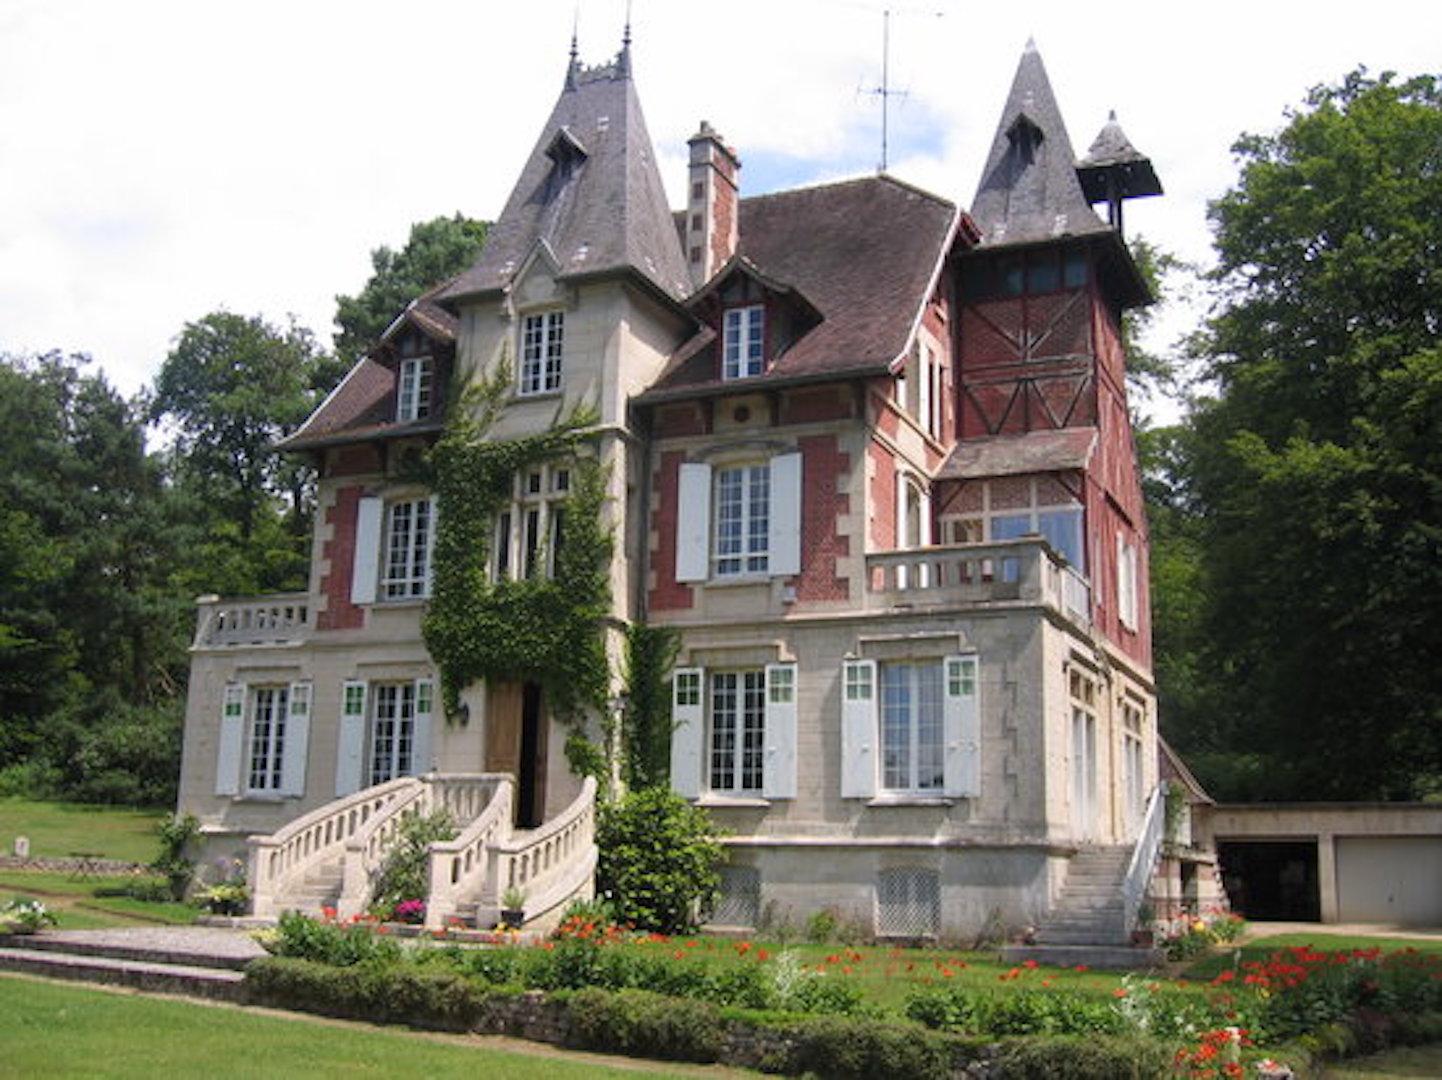 A large brick building at Ermitage de la fontaine des roches.